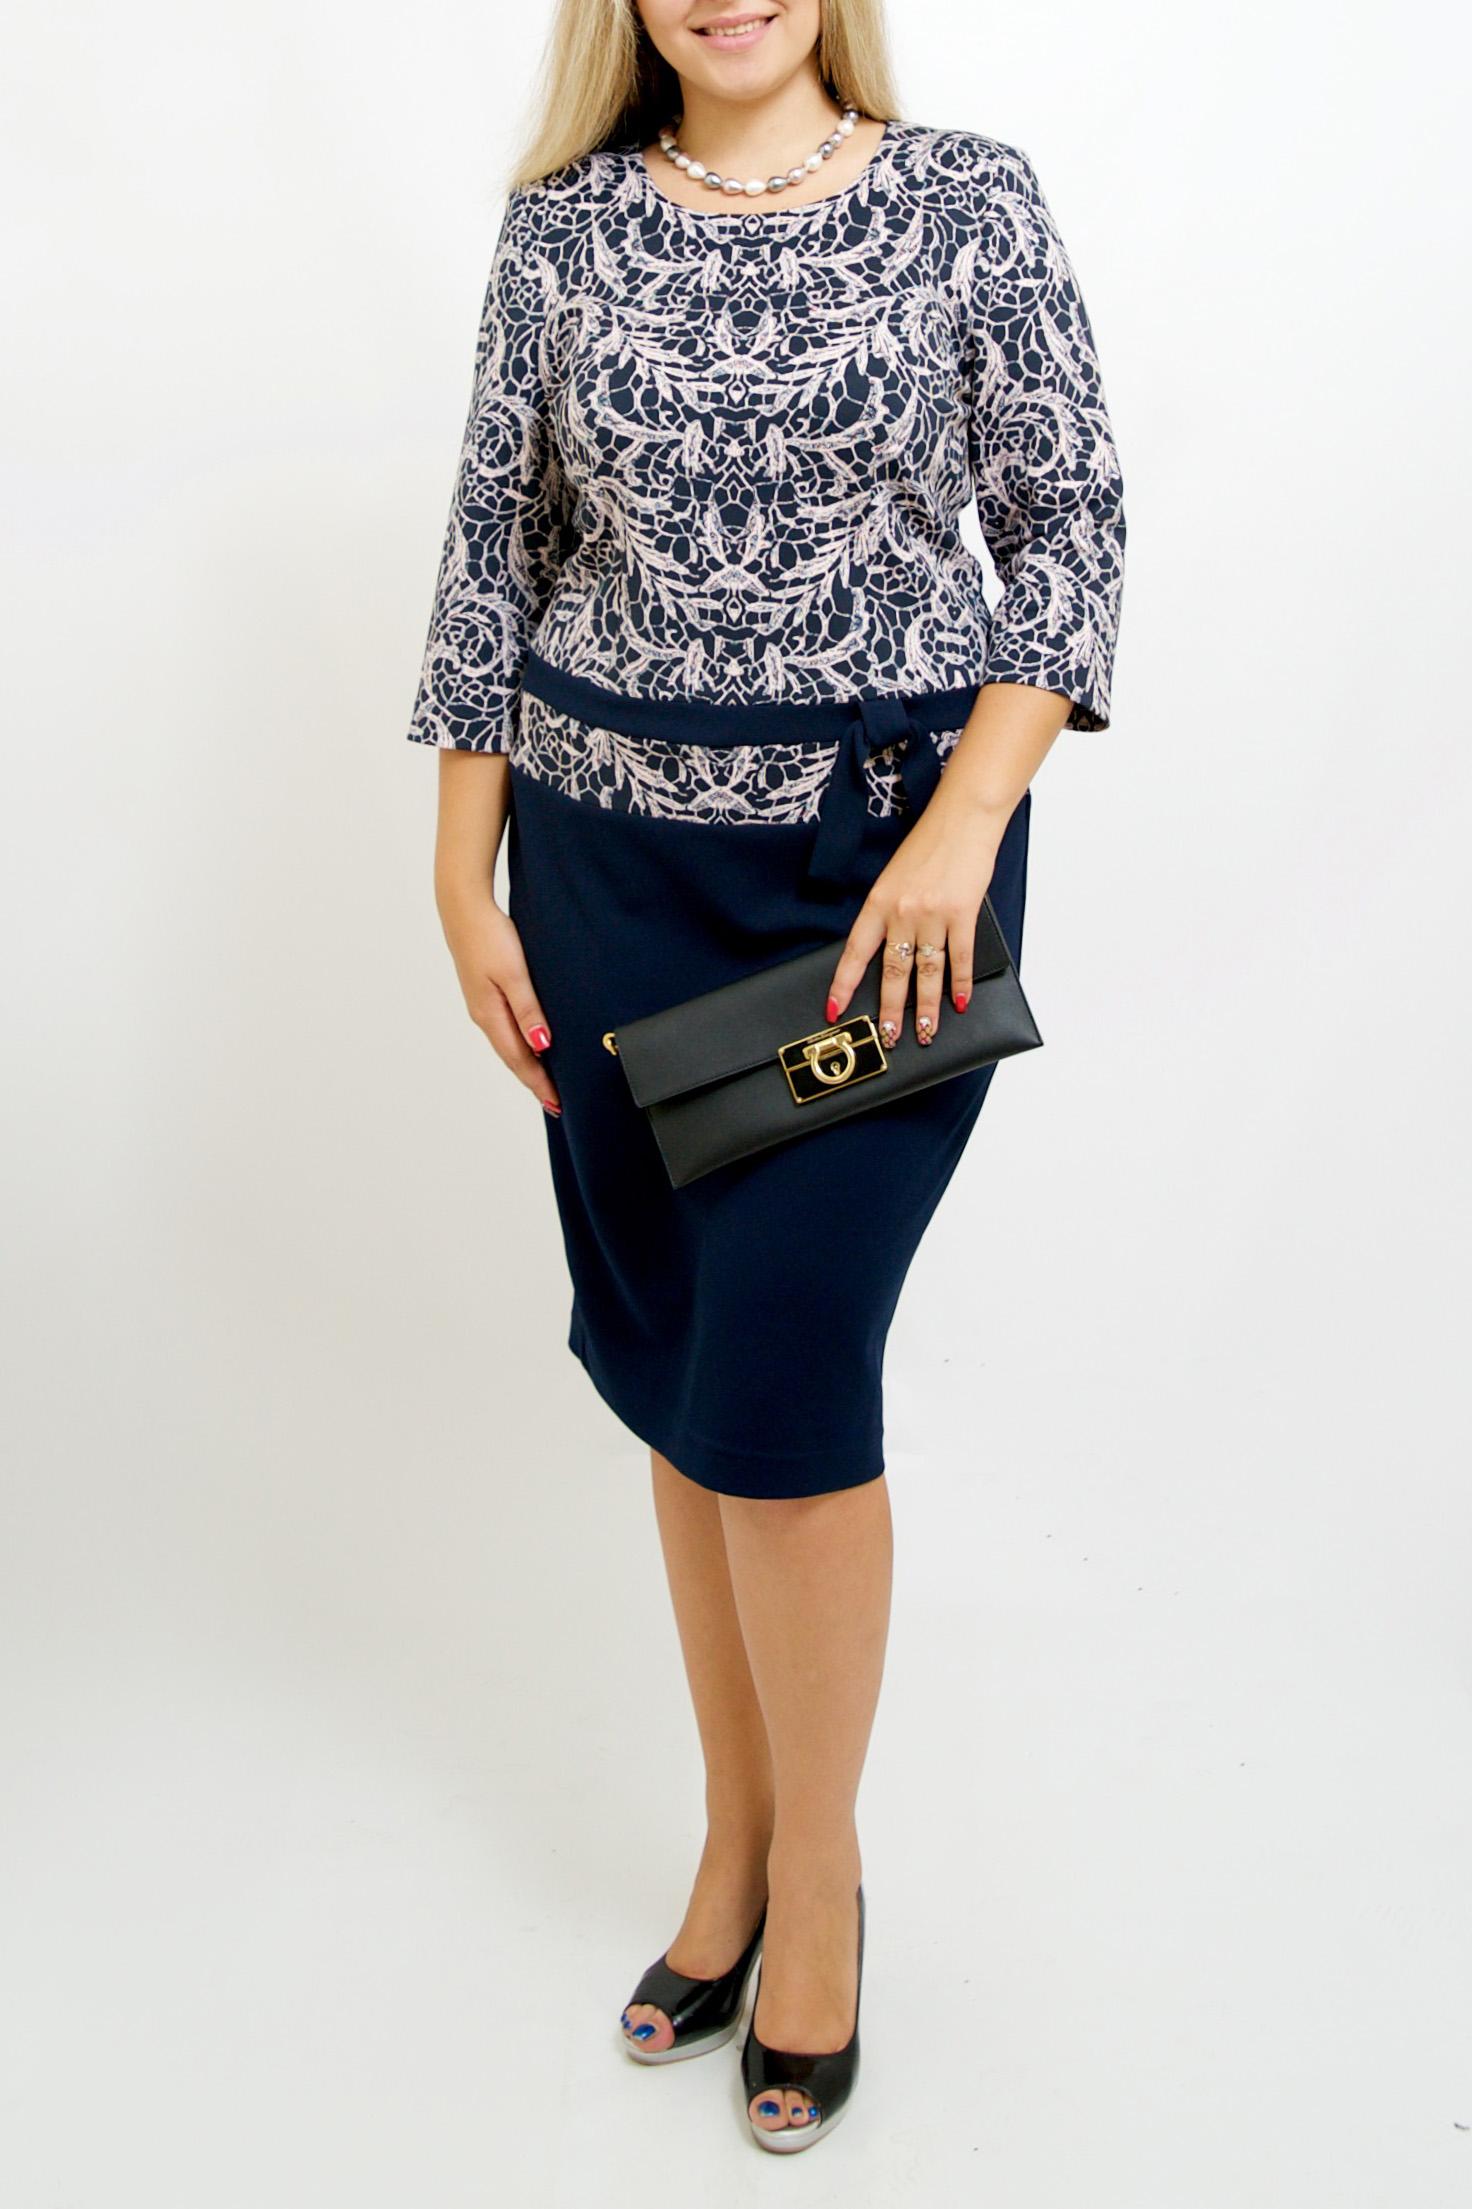 ПлатьеПлатья<br>Нарядное платье с круглой горловиной и рукавами 3/4. Модель выполнена из приятного материала. Отличный выбор для любого случая.  В изделии использованы цвета: синий, светло-розовый  Ростовка изделия 170 см.<br><br>Горловина: С- горловина<br>По длине: Ниже колена<br>По материалу: Вискоза,Трикотаж<br>По рисунку: С принтом,Цветные<br>По силуэту: Приталенные<br>По стилю: Нарядный стиль,Повседневный стиль<br>По форме: Платье - футляр<br>По элементам: С баской,С разрезом<br>Разрез: Шлица<br>Рукав: Рукав три четверти<br>По сезону: Осень,Весна,Зима<br>Размер : 48-50,64-68<br>Материал: Трикотаж<br>Количество в наличии: 3